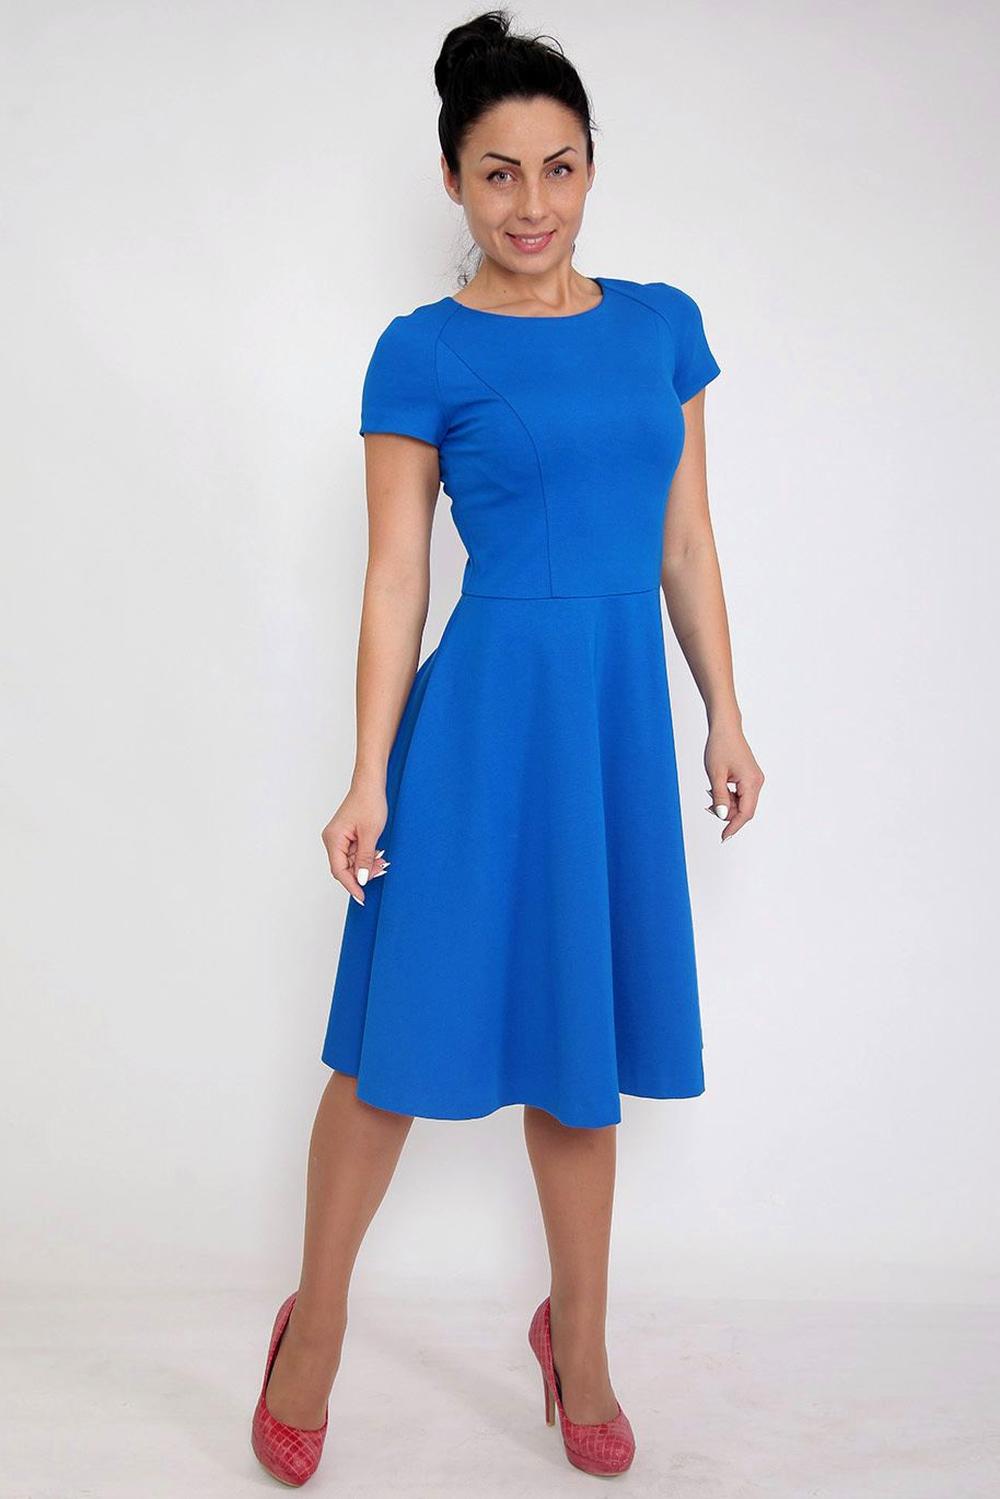 ПлатьеПлатья<br>Элегантное женское платье с круглой горловиной и короткими рукавами. Модель выполнена из приятного материала. Отличный выбор для повседневного и делового гардероба.  Цвет: синий  Ростовка изделия 164 см.<br><br>По образу: Свидание,Город,Офис<br>По стилю: Офисный стиль,Повседневный стиль<br>По материалу: Тканевые<br>По рисунку: Однотонные<br>По сезону: Осень,Весна<br>По силуэту: Полуприталенные<br>По форме: Платье - трапеция<br>По длине: Ниже колена<br>Рукав: Короткий рукав<br>Горловина: С- горловина<br>Размер: 46,48,50<br>Материал: 60% вискоза 35% нейлон 5% лайкра<br>Количество в наличии: 2